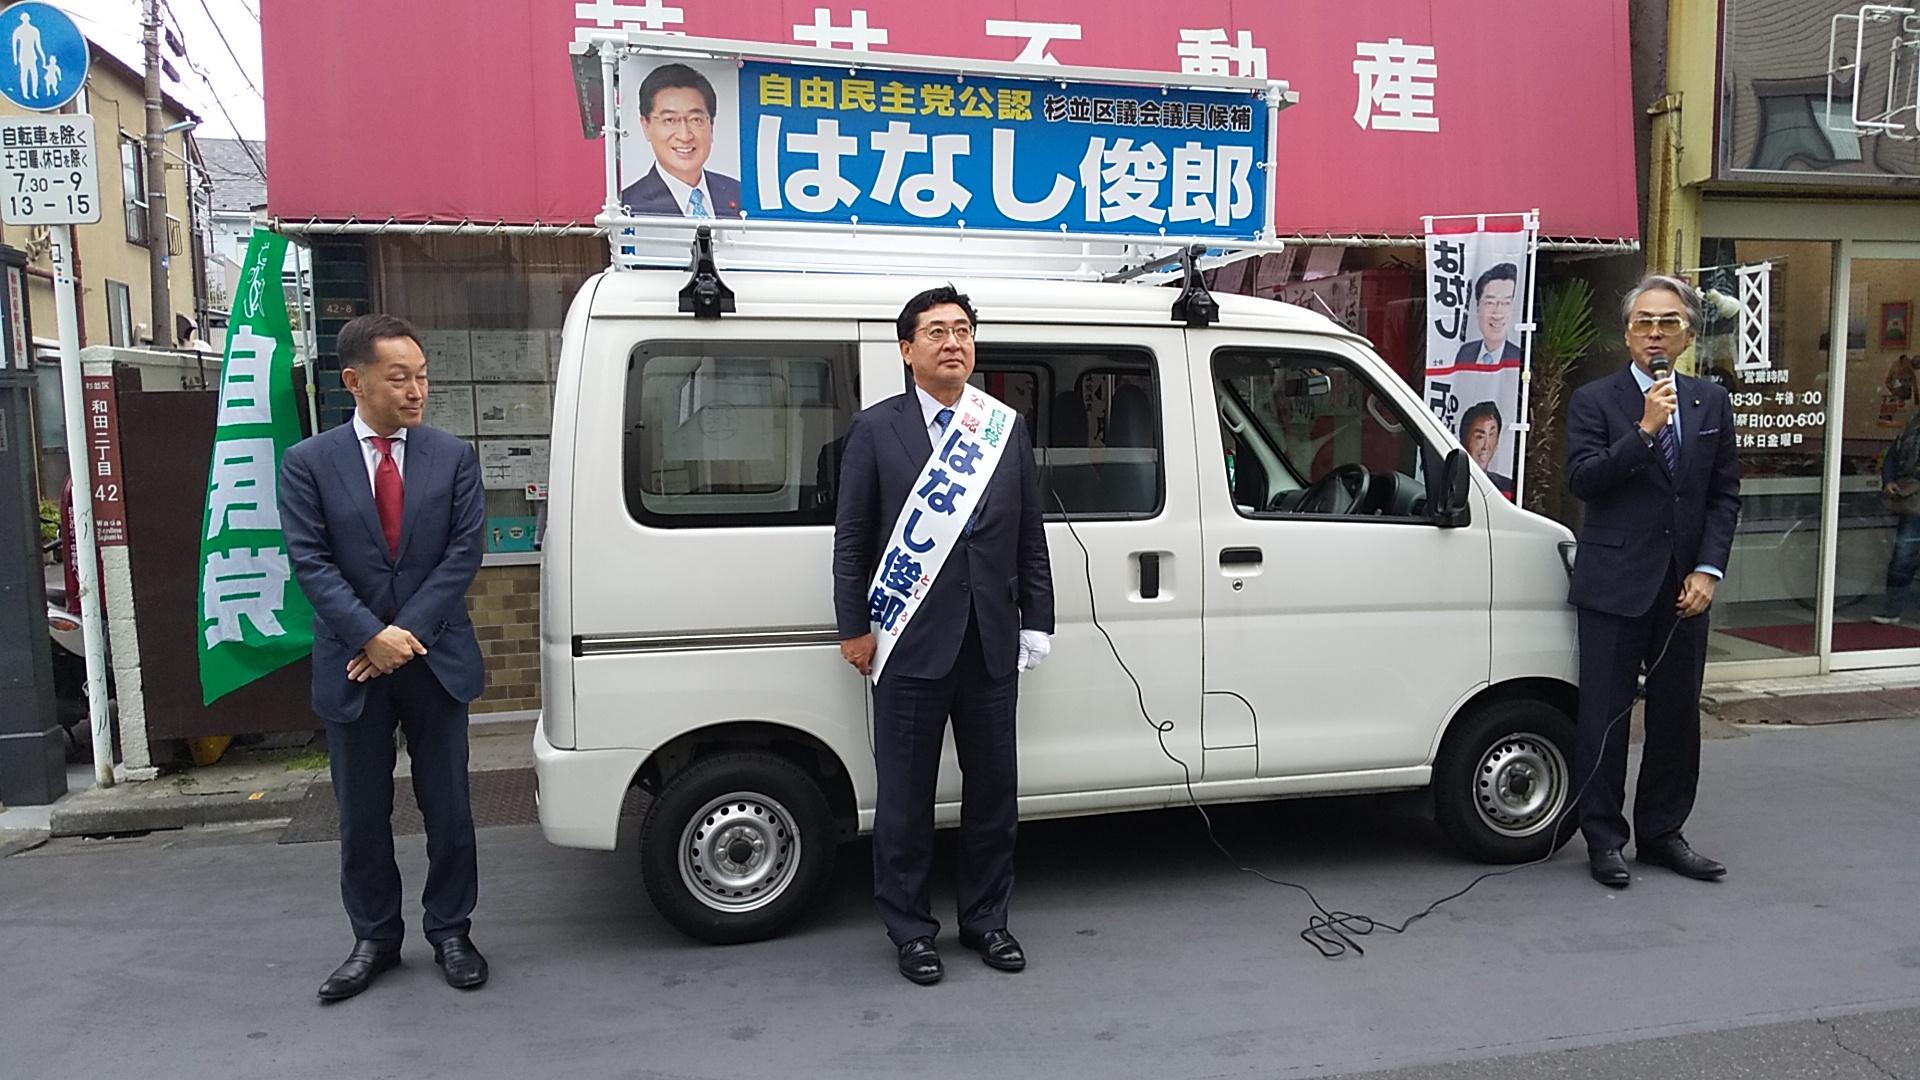 葉梨俊郎 杉並区議会議員選挙 出陣式